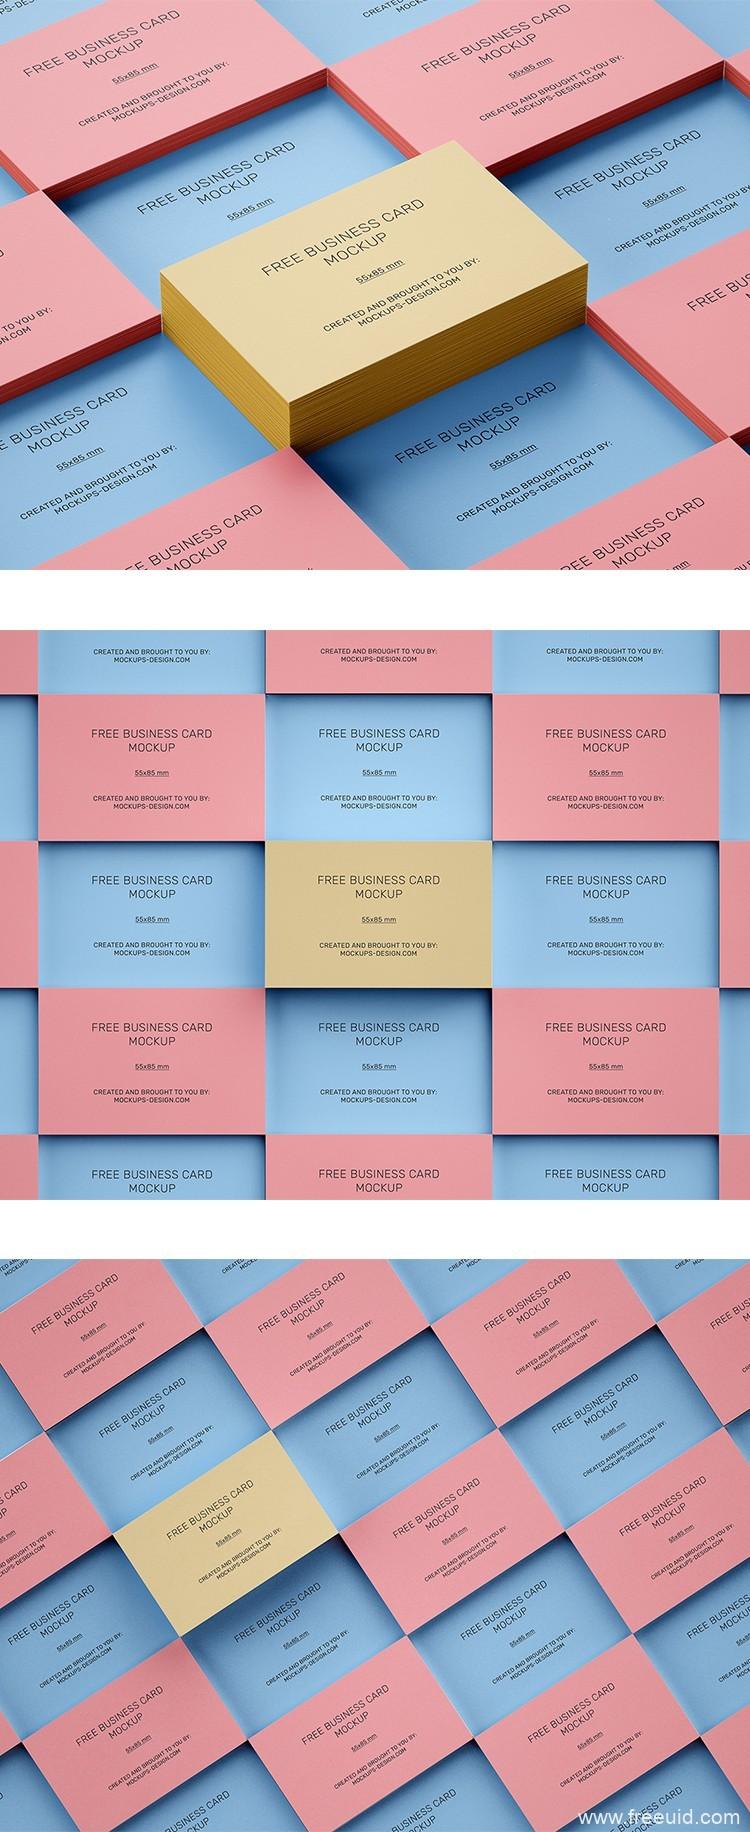 彩色系平铺卡片、名片样机模板psd源文件免费下载